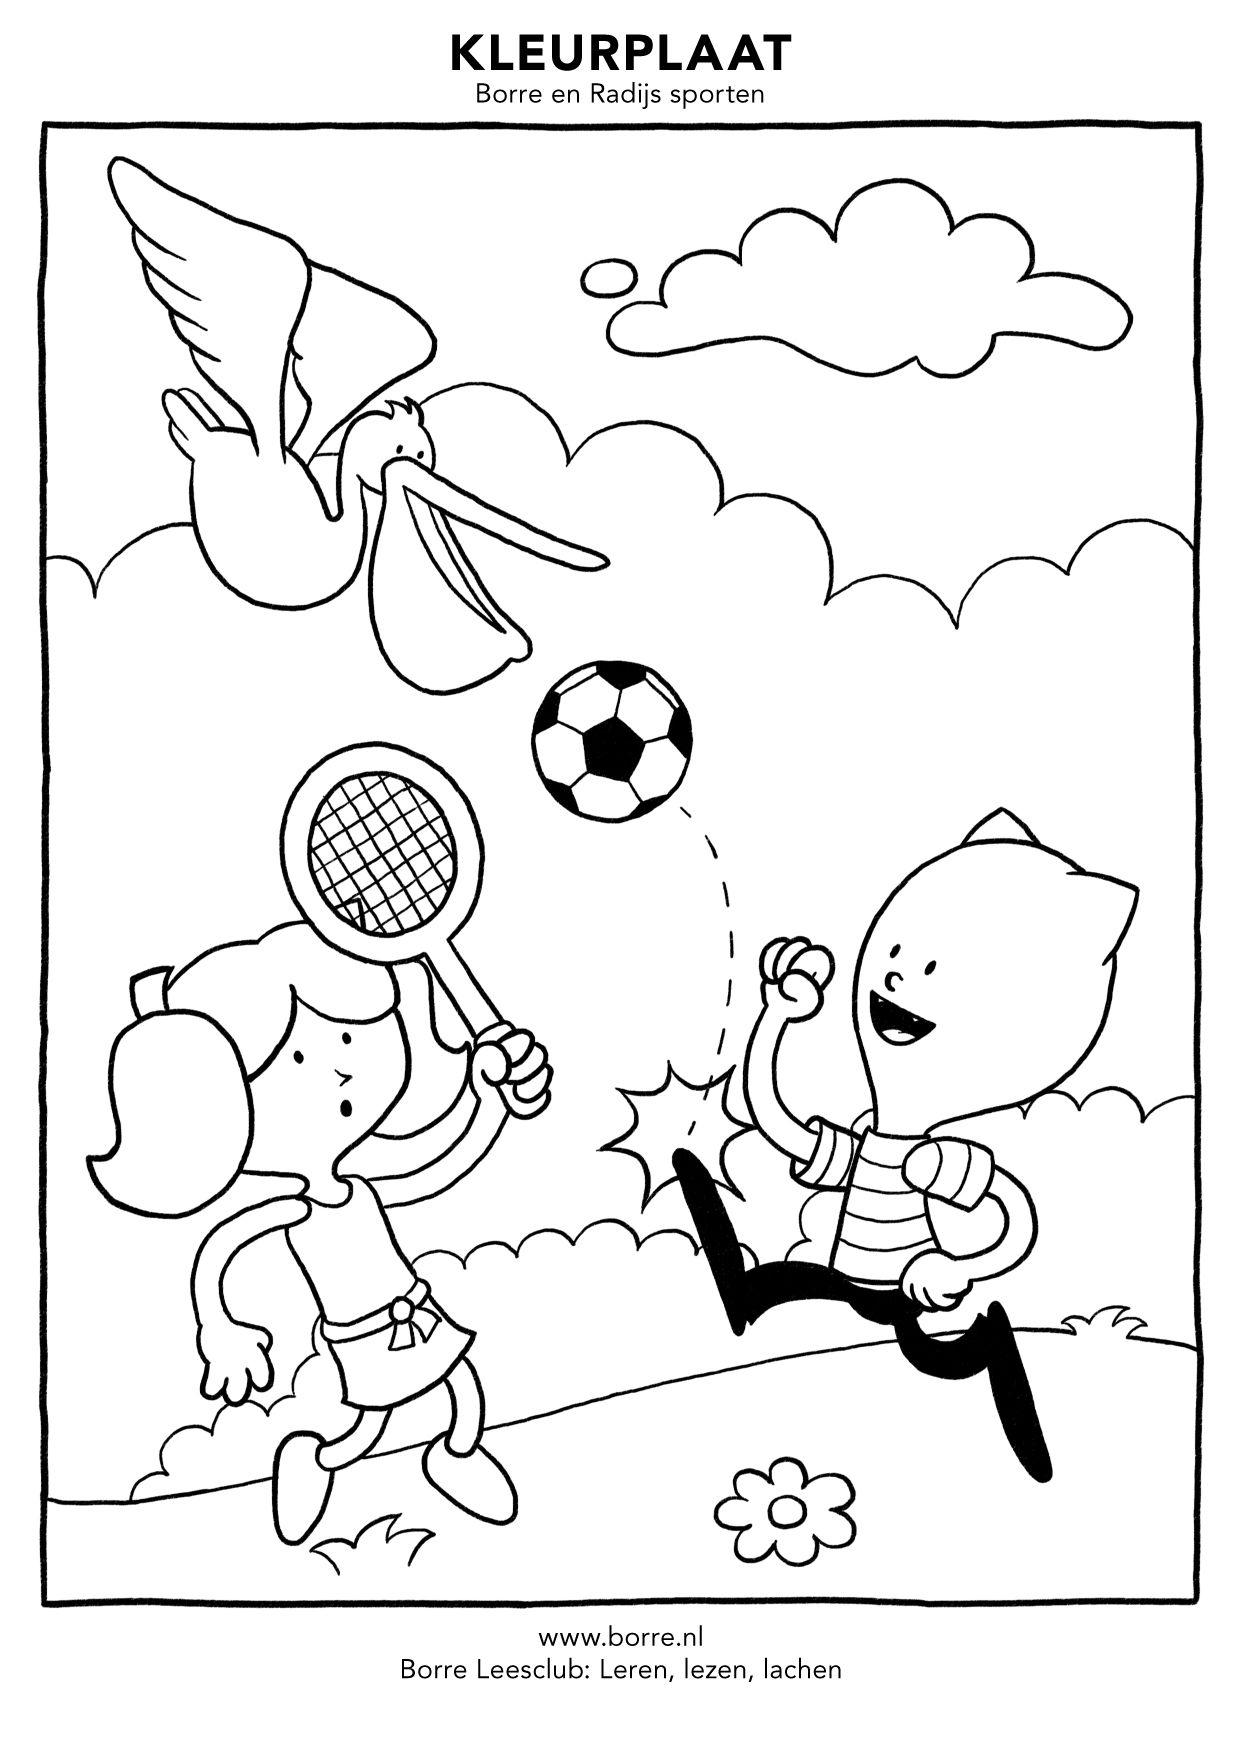 Borre En Radijs Sporten Kleurplaten In Hogere Kwaliteit Zijn Te Downloaden En Printen Vanaf Www Borre Nl Klik Daar Op Doe Kleurplaten Kleurpotloden Prints